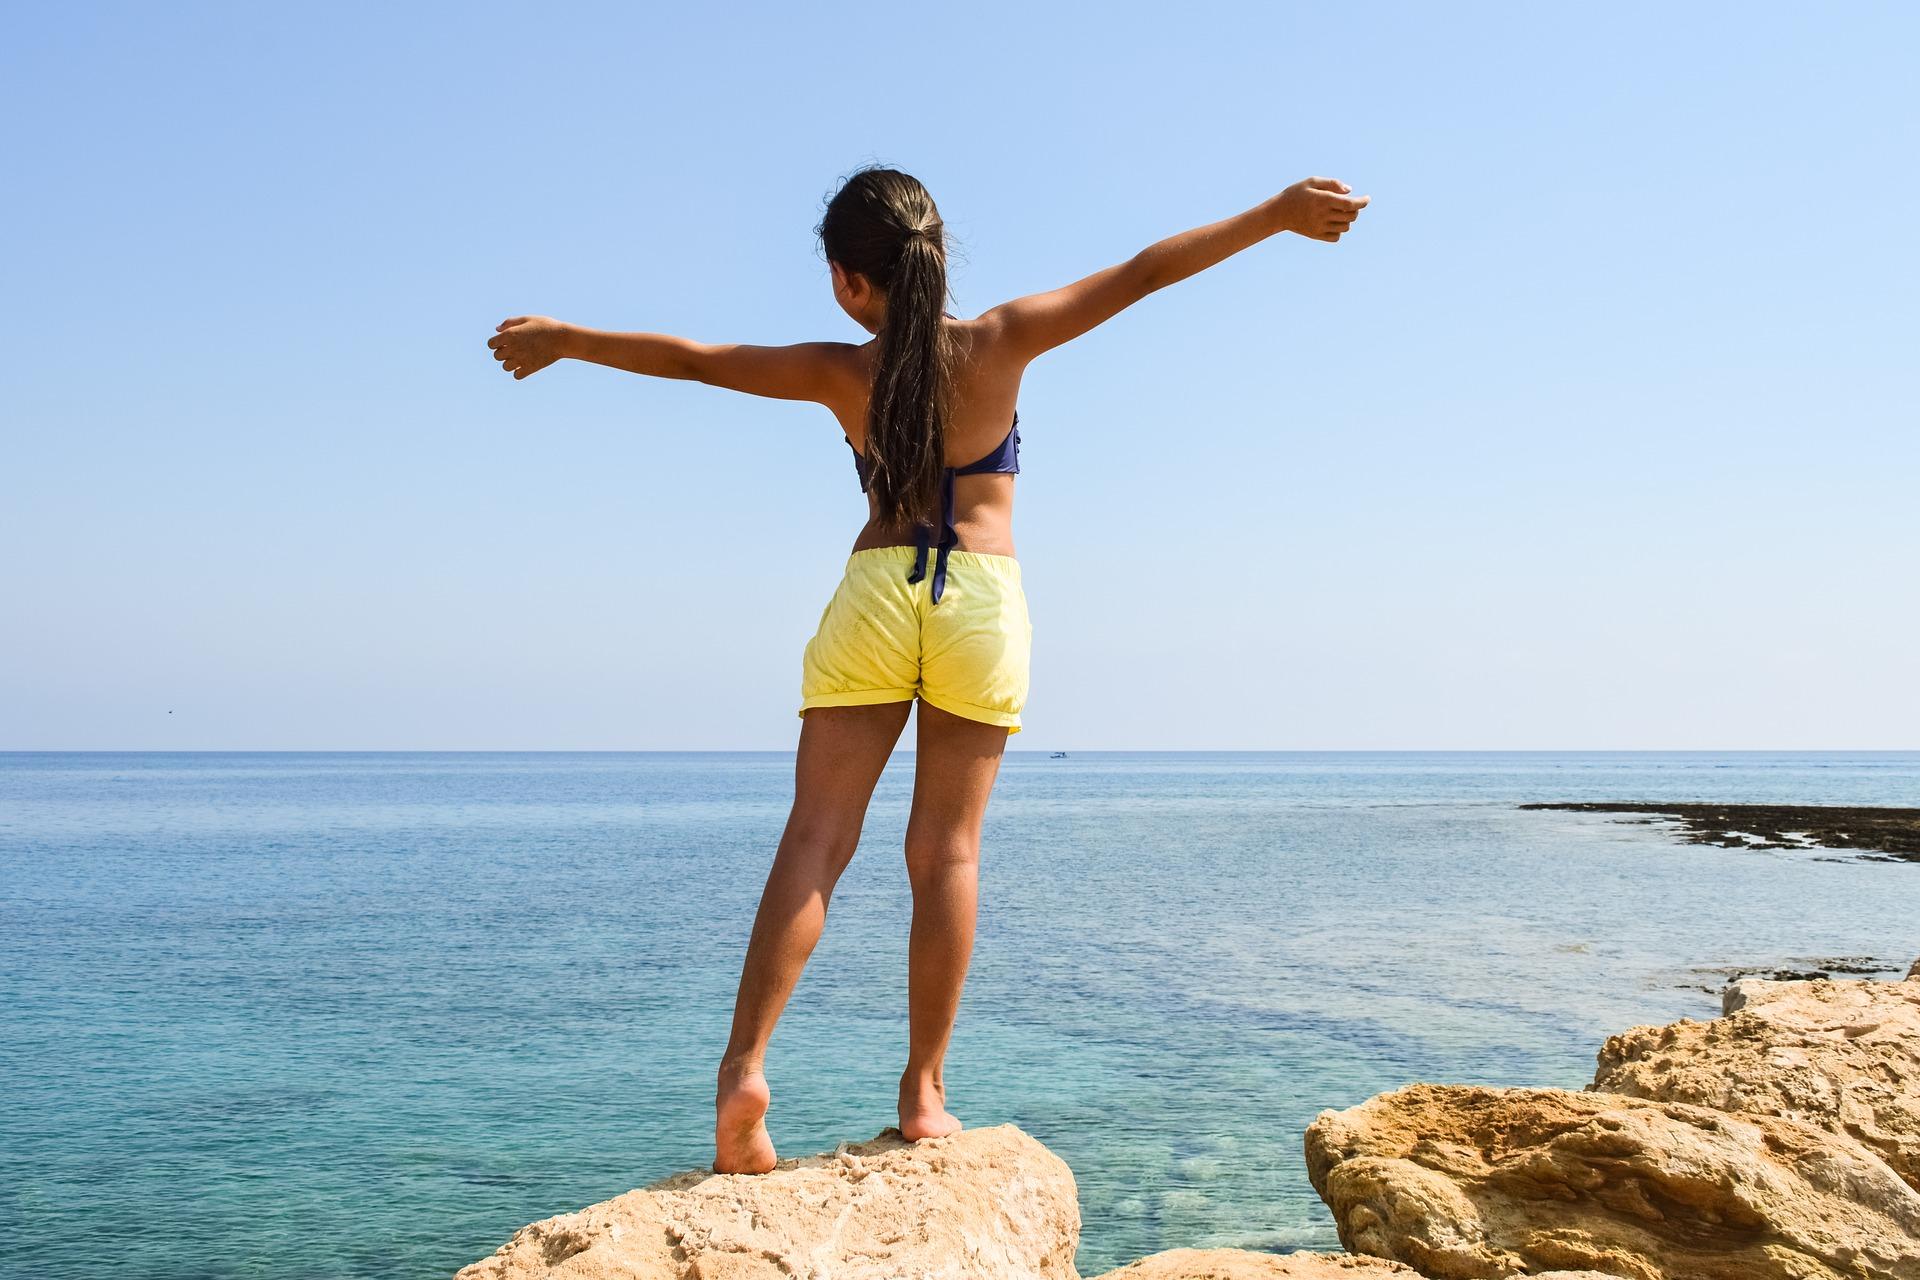 dziewczyna na skale nad morzem